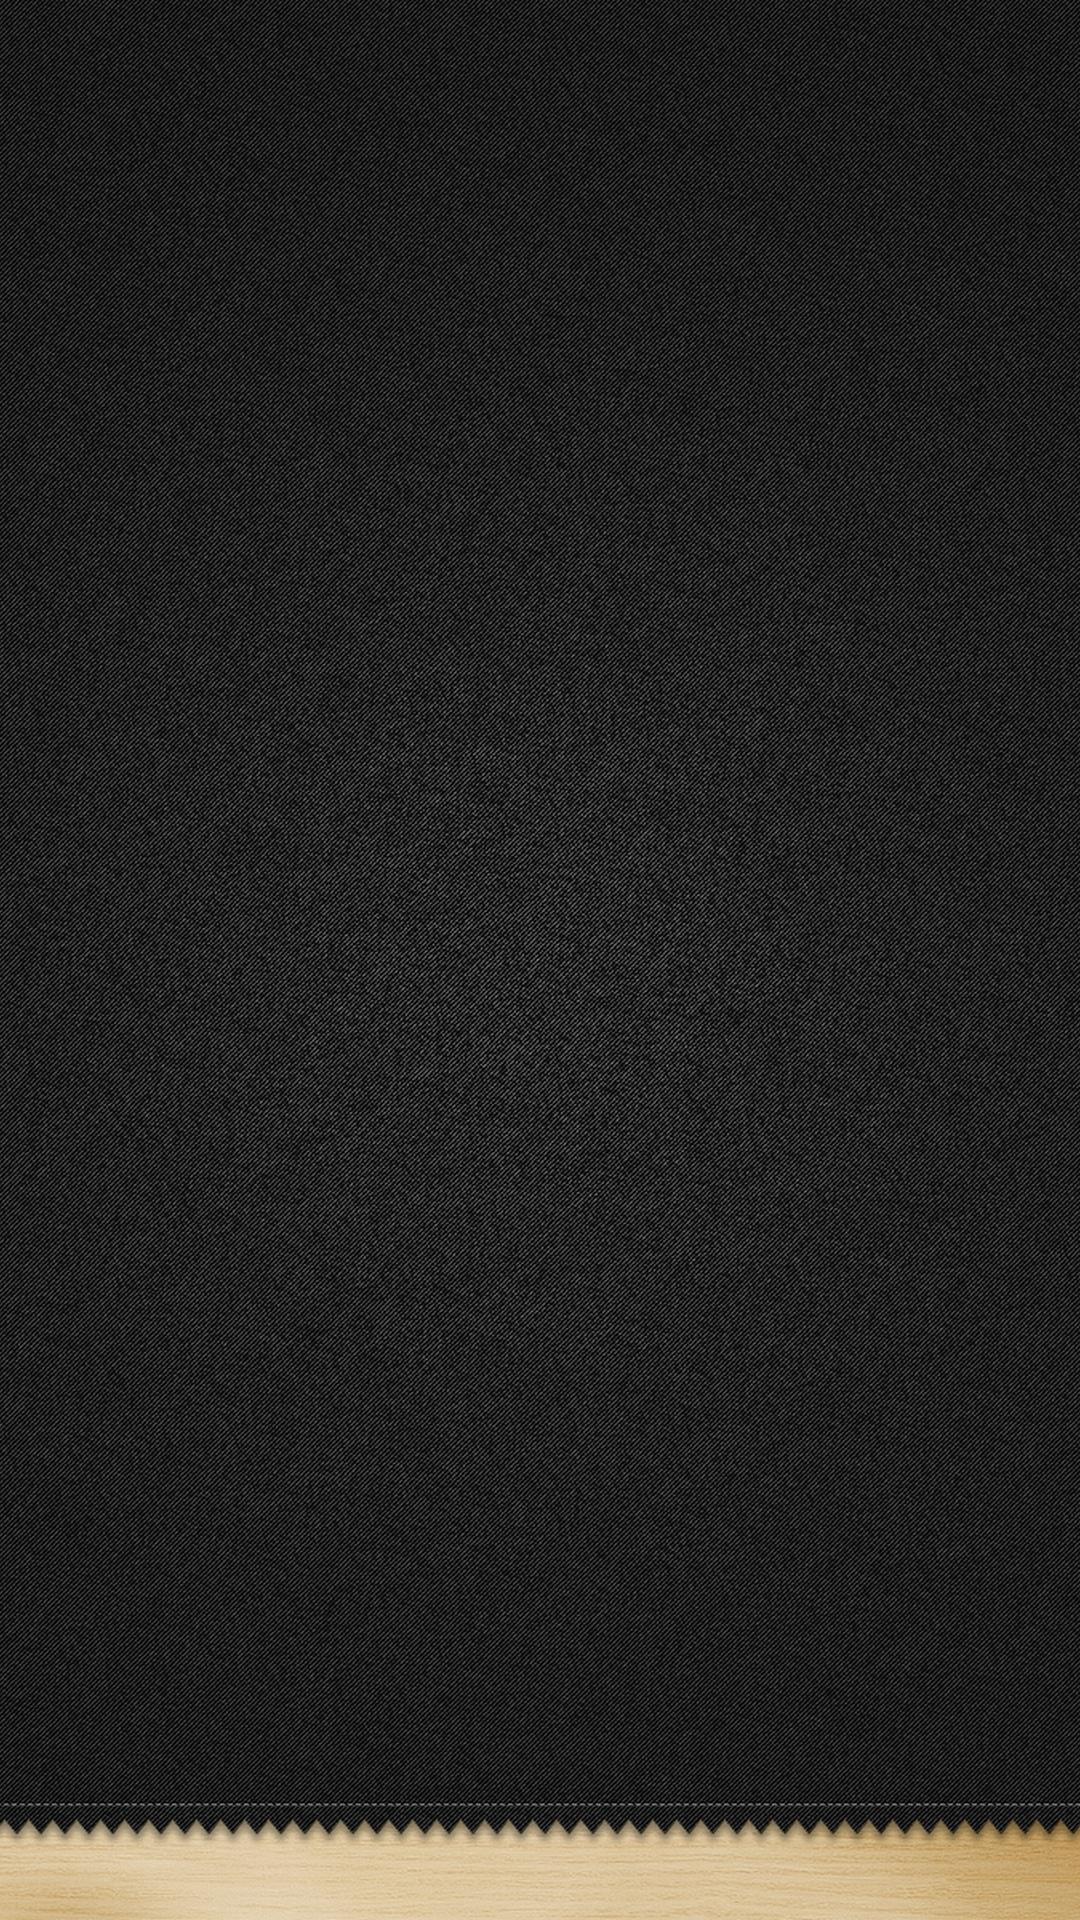 Clean Dark Denim Texture